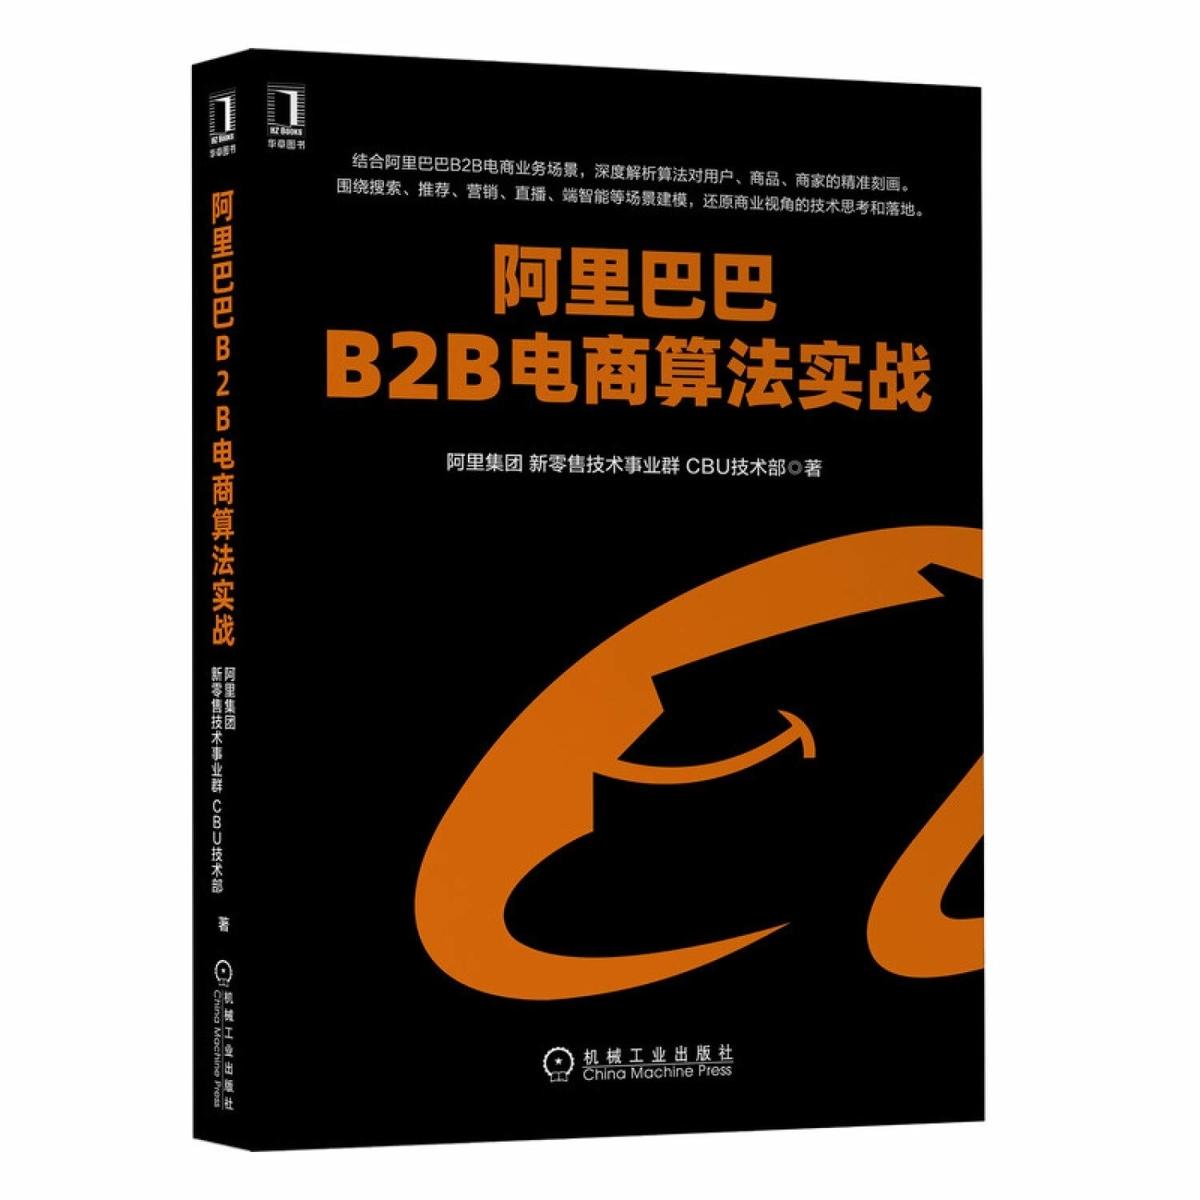 f:id:hiromichinomata:20210628085733j:plain:w200